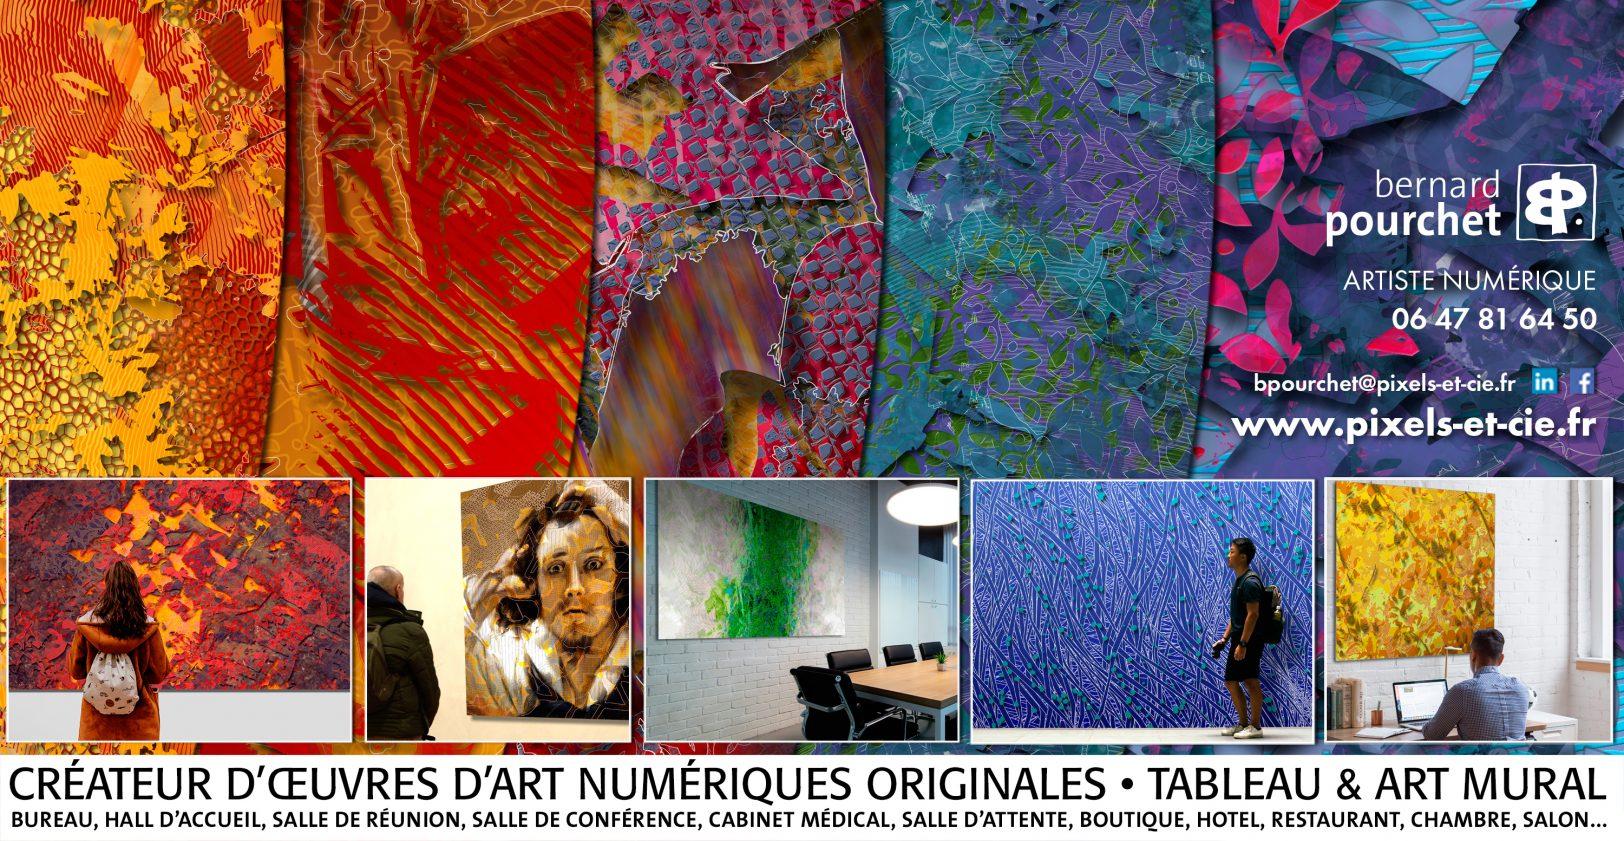 Art contemporain creation numérique originale, tableau en series limitées, décoration murale grands formats